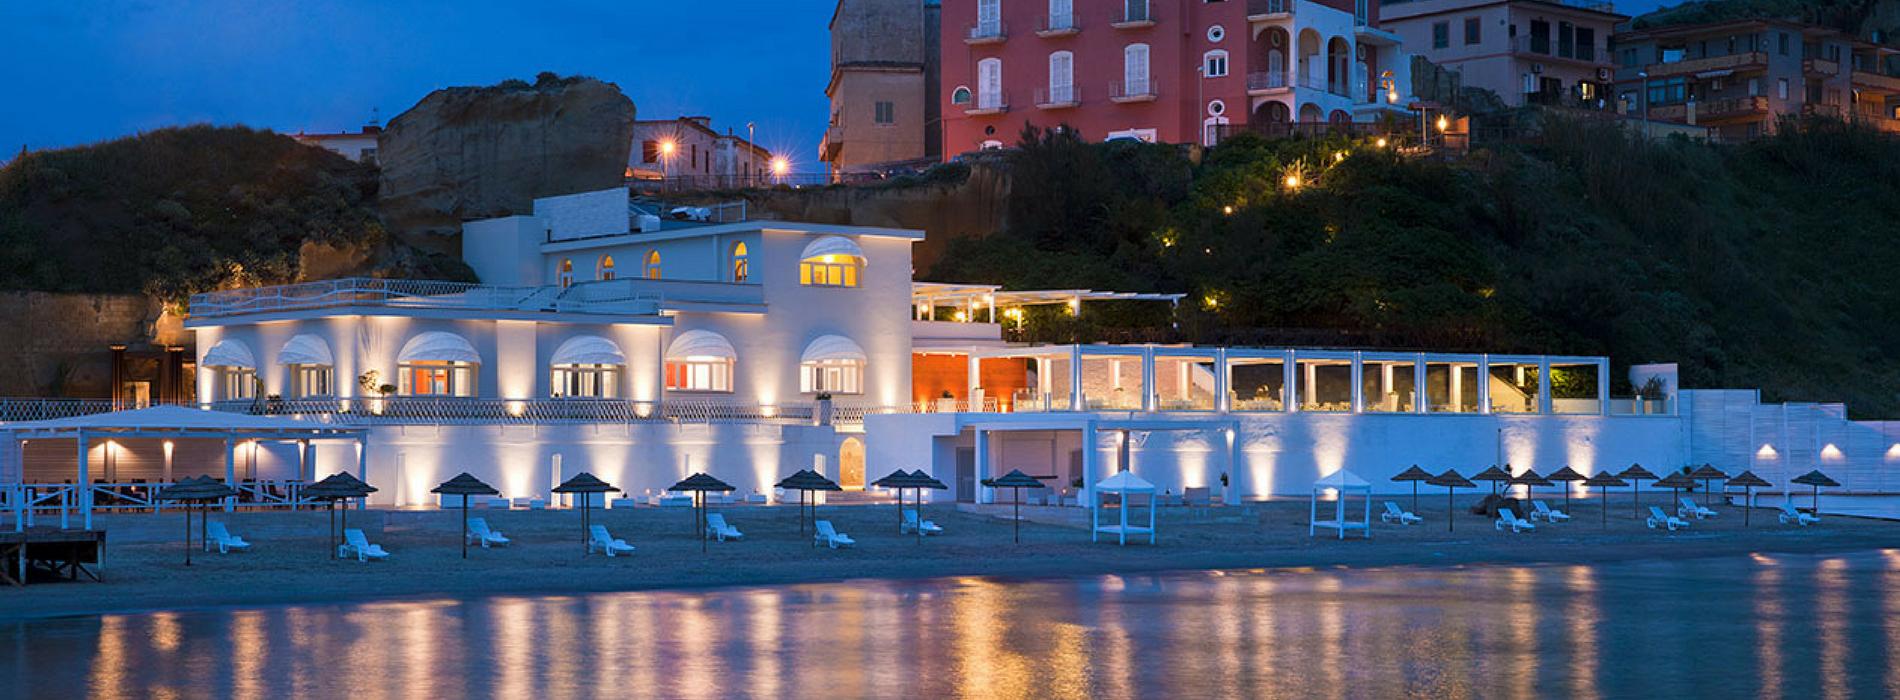 Location Matrimonio Spiaggia Napoli : Le 5 migliori location per matrimoni a napoli napolinlove napoli